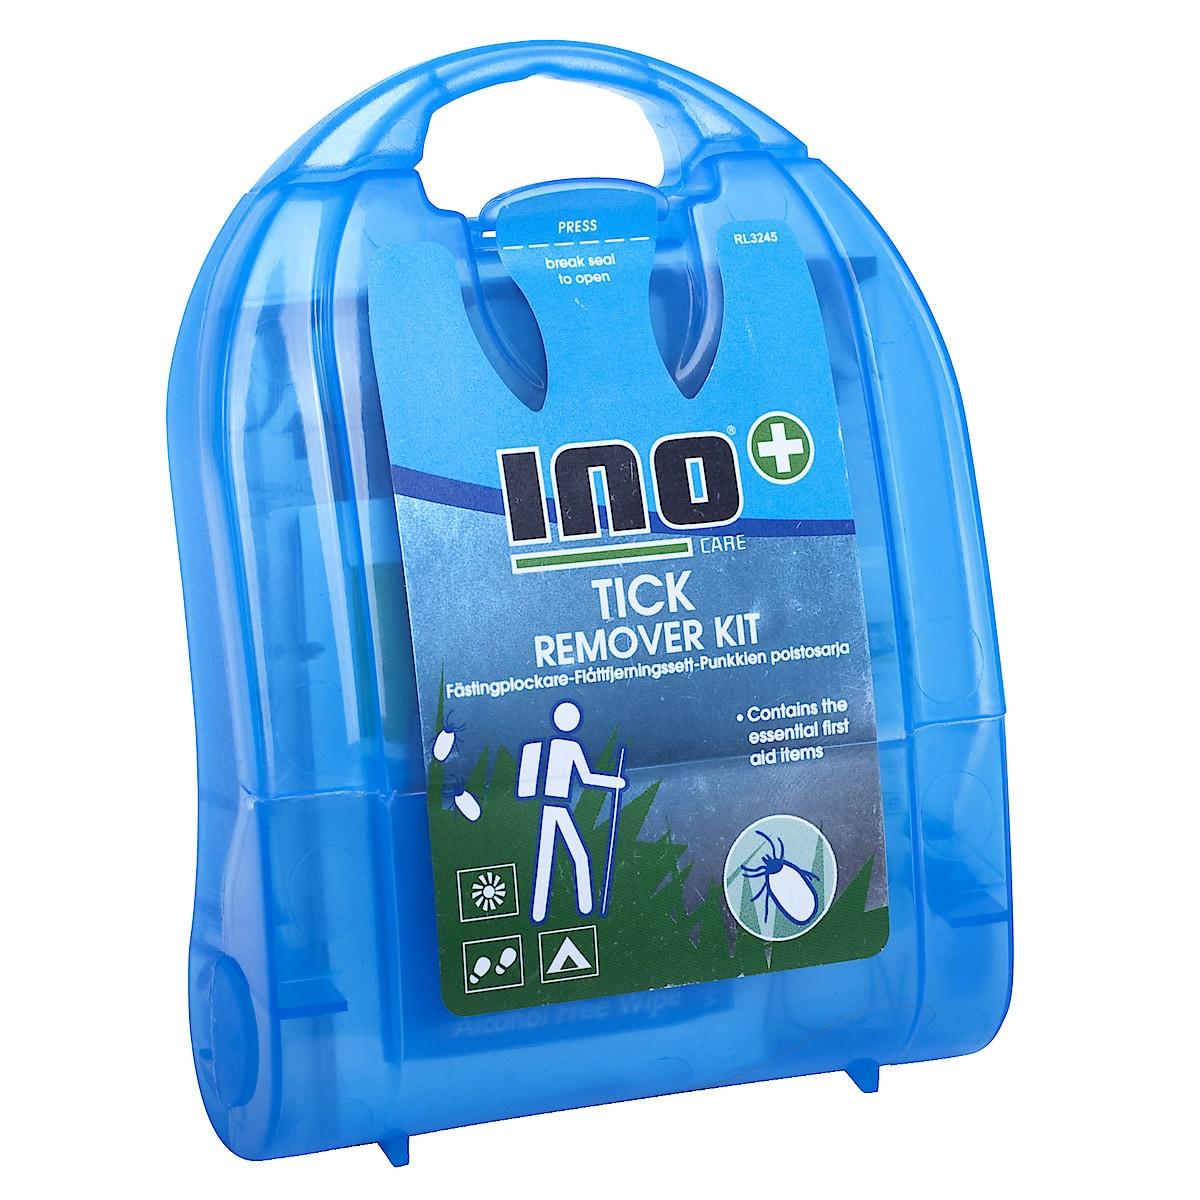 Ino-Care Tick Removal Kit